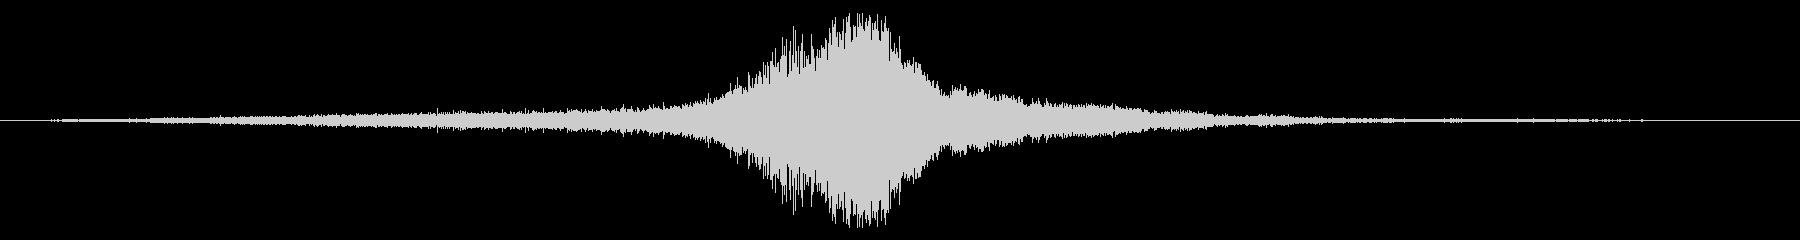 内線:左から右へ高速で渡すの未再生の波形